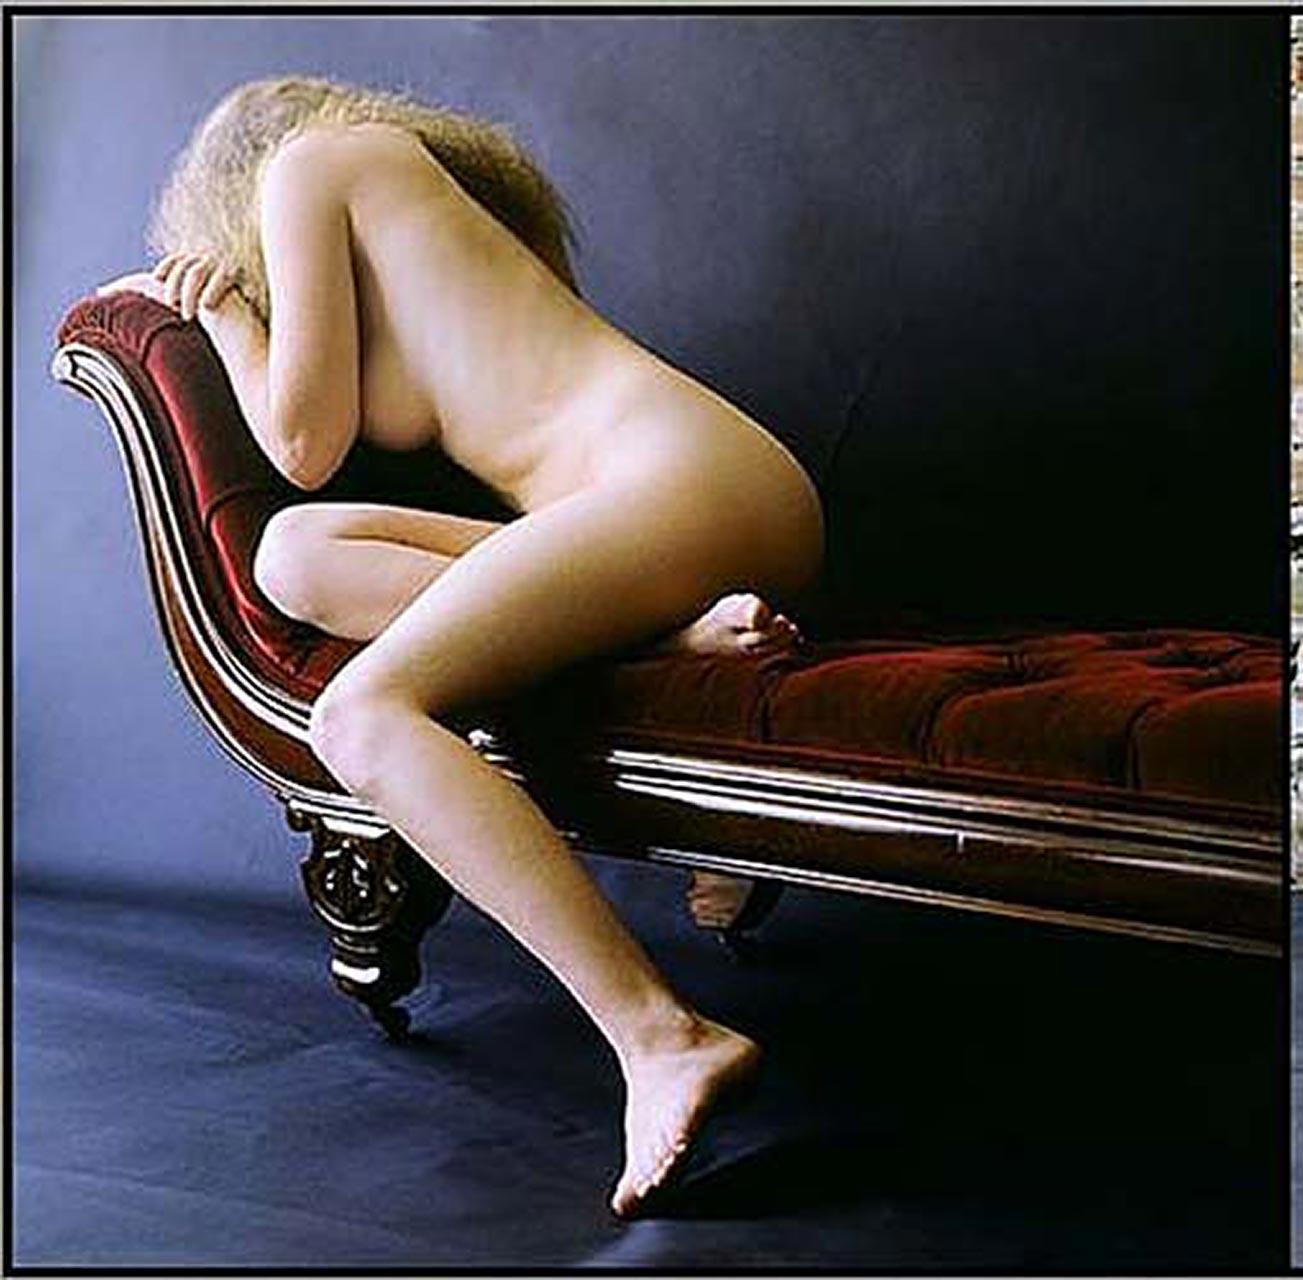 lindsey naked of Pics lohan